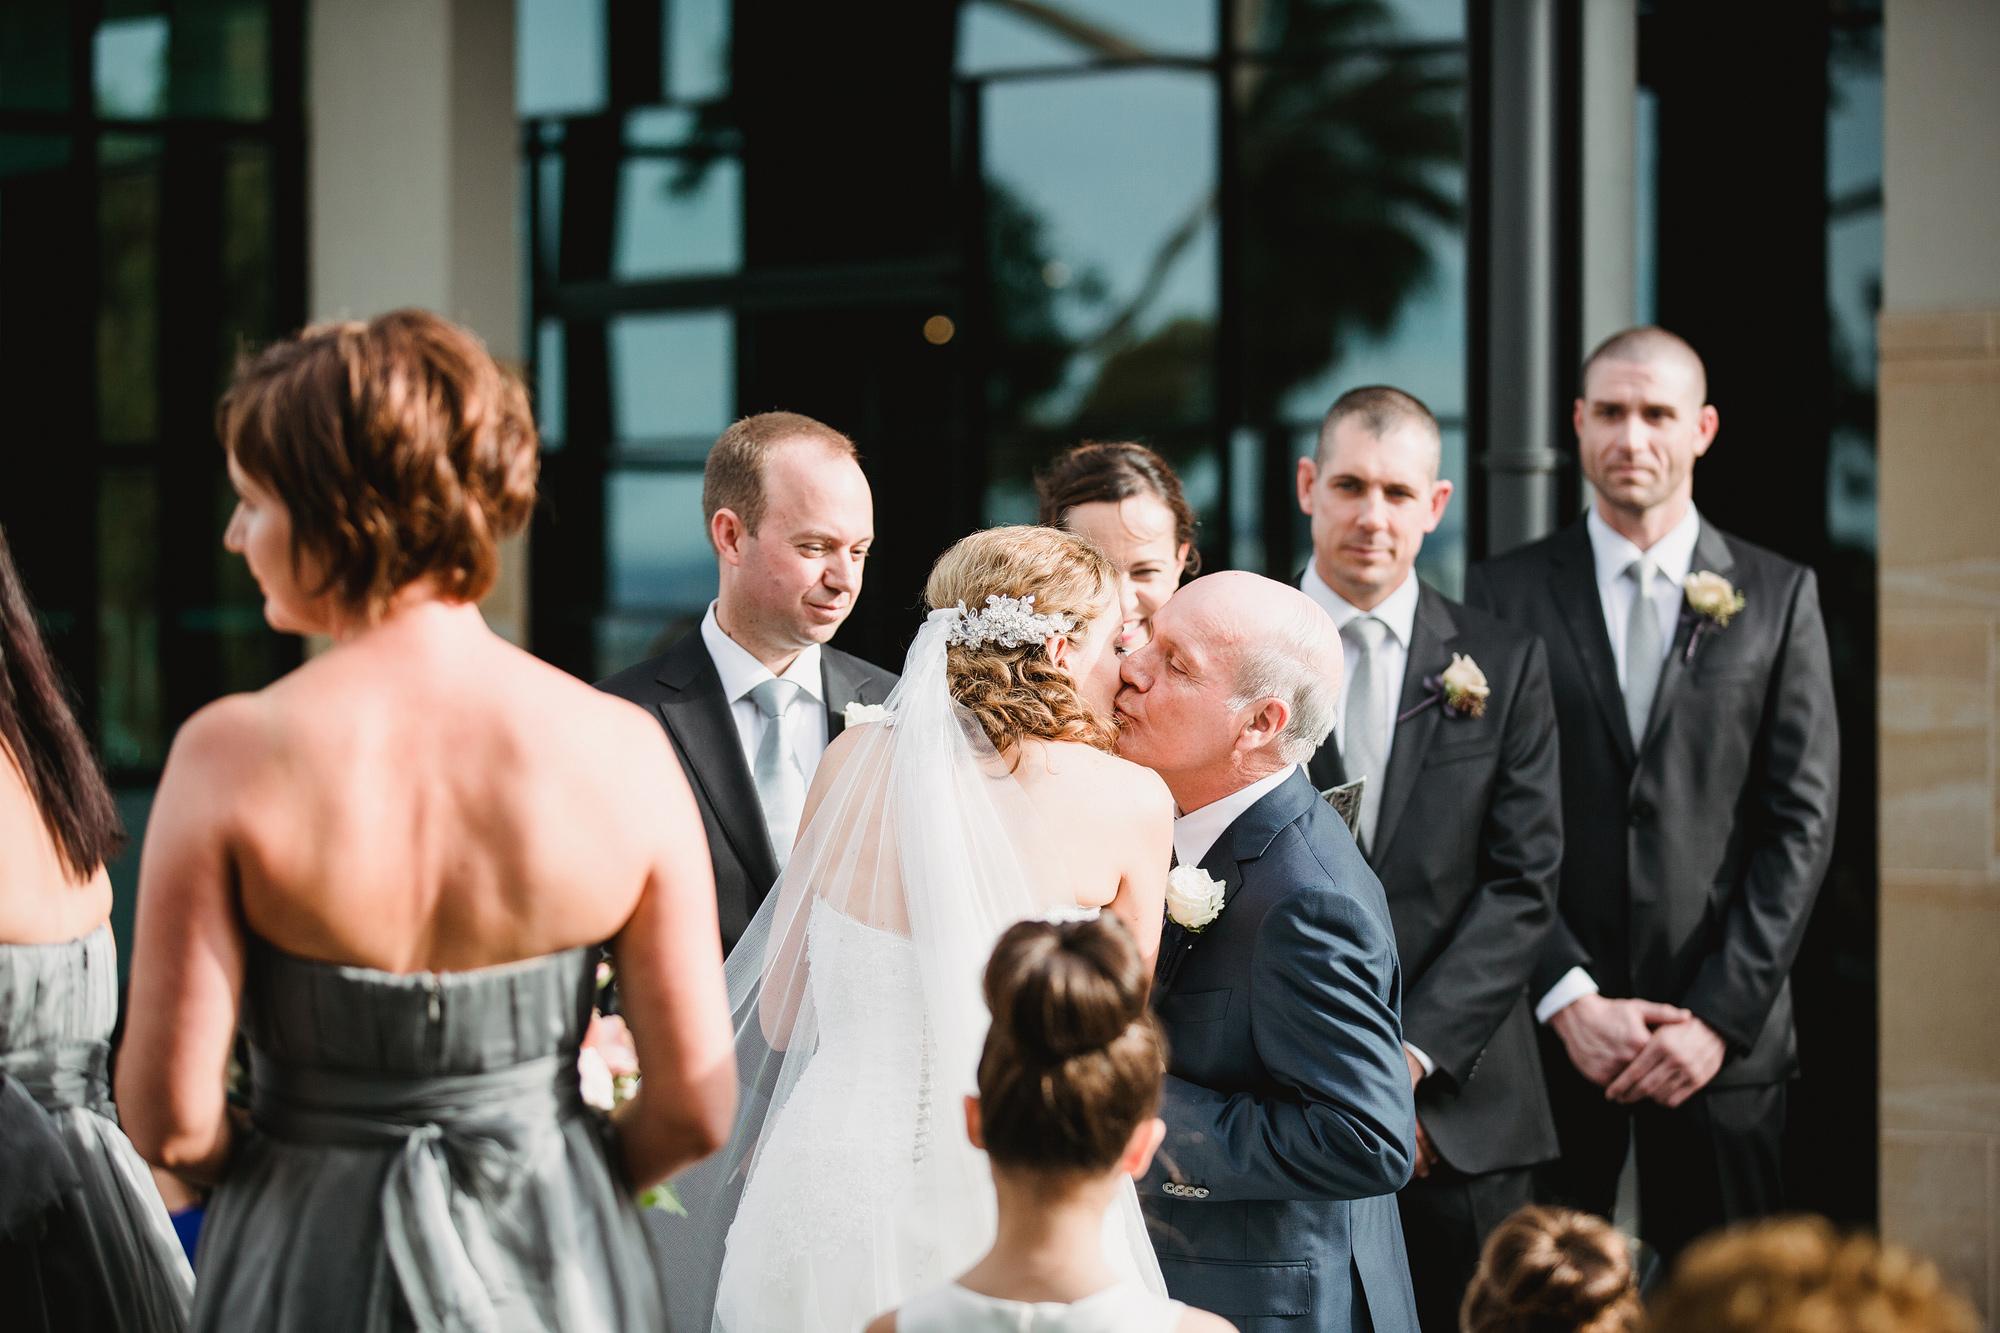 Ceci_New_York_Custom_Invitation_Australia_Perth_Destination_Wedding_Luxury_Personalized_Ceci_Style_Bride_37.jpg